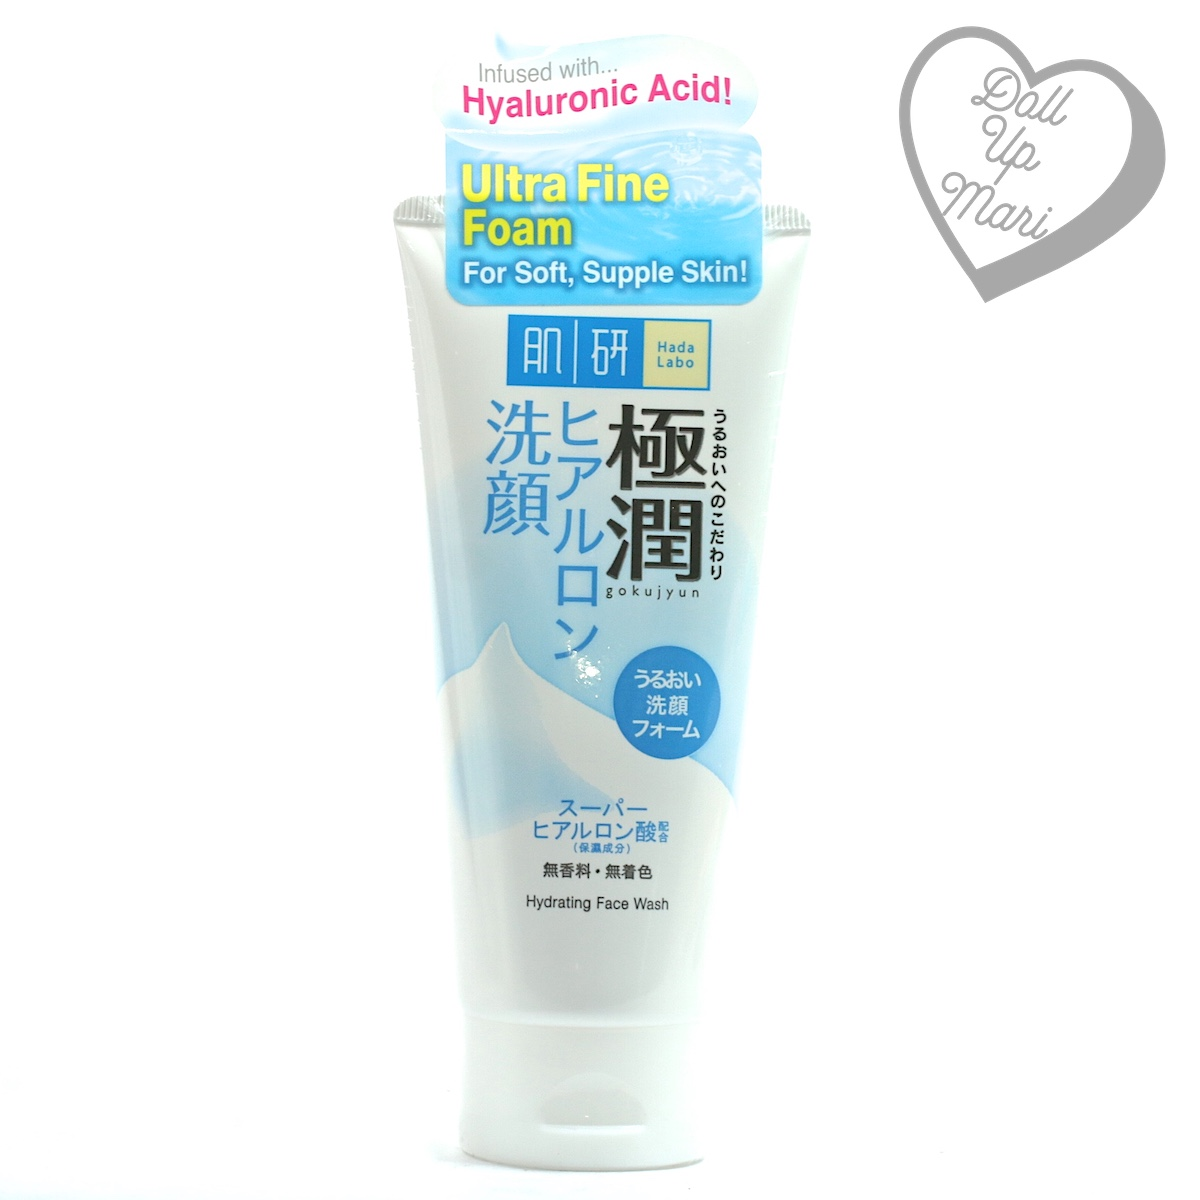 Hada Labo Gokujyun Hydrating Face Wash